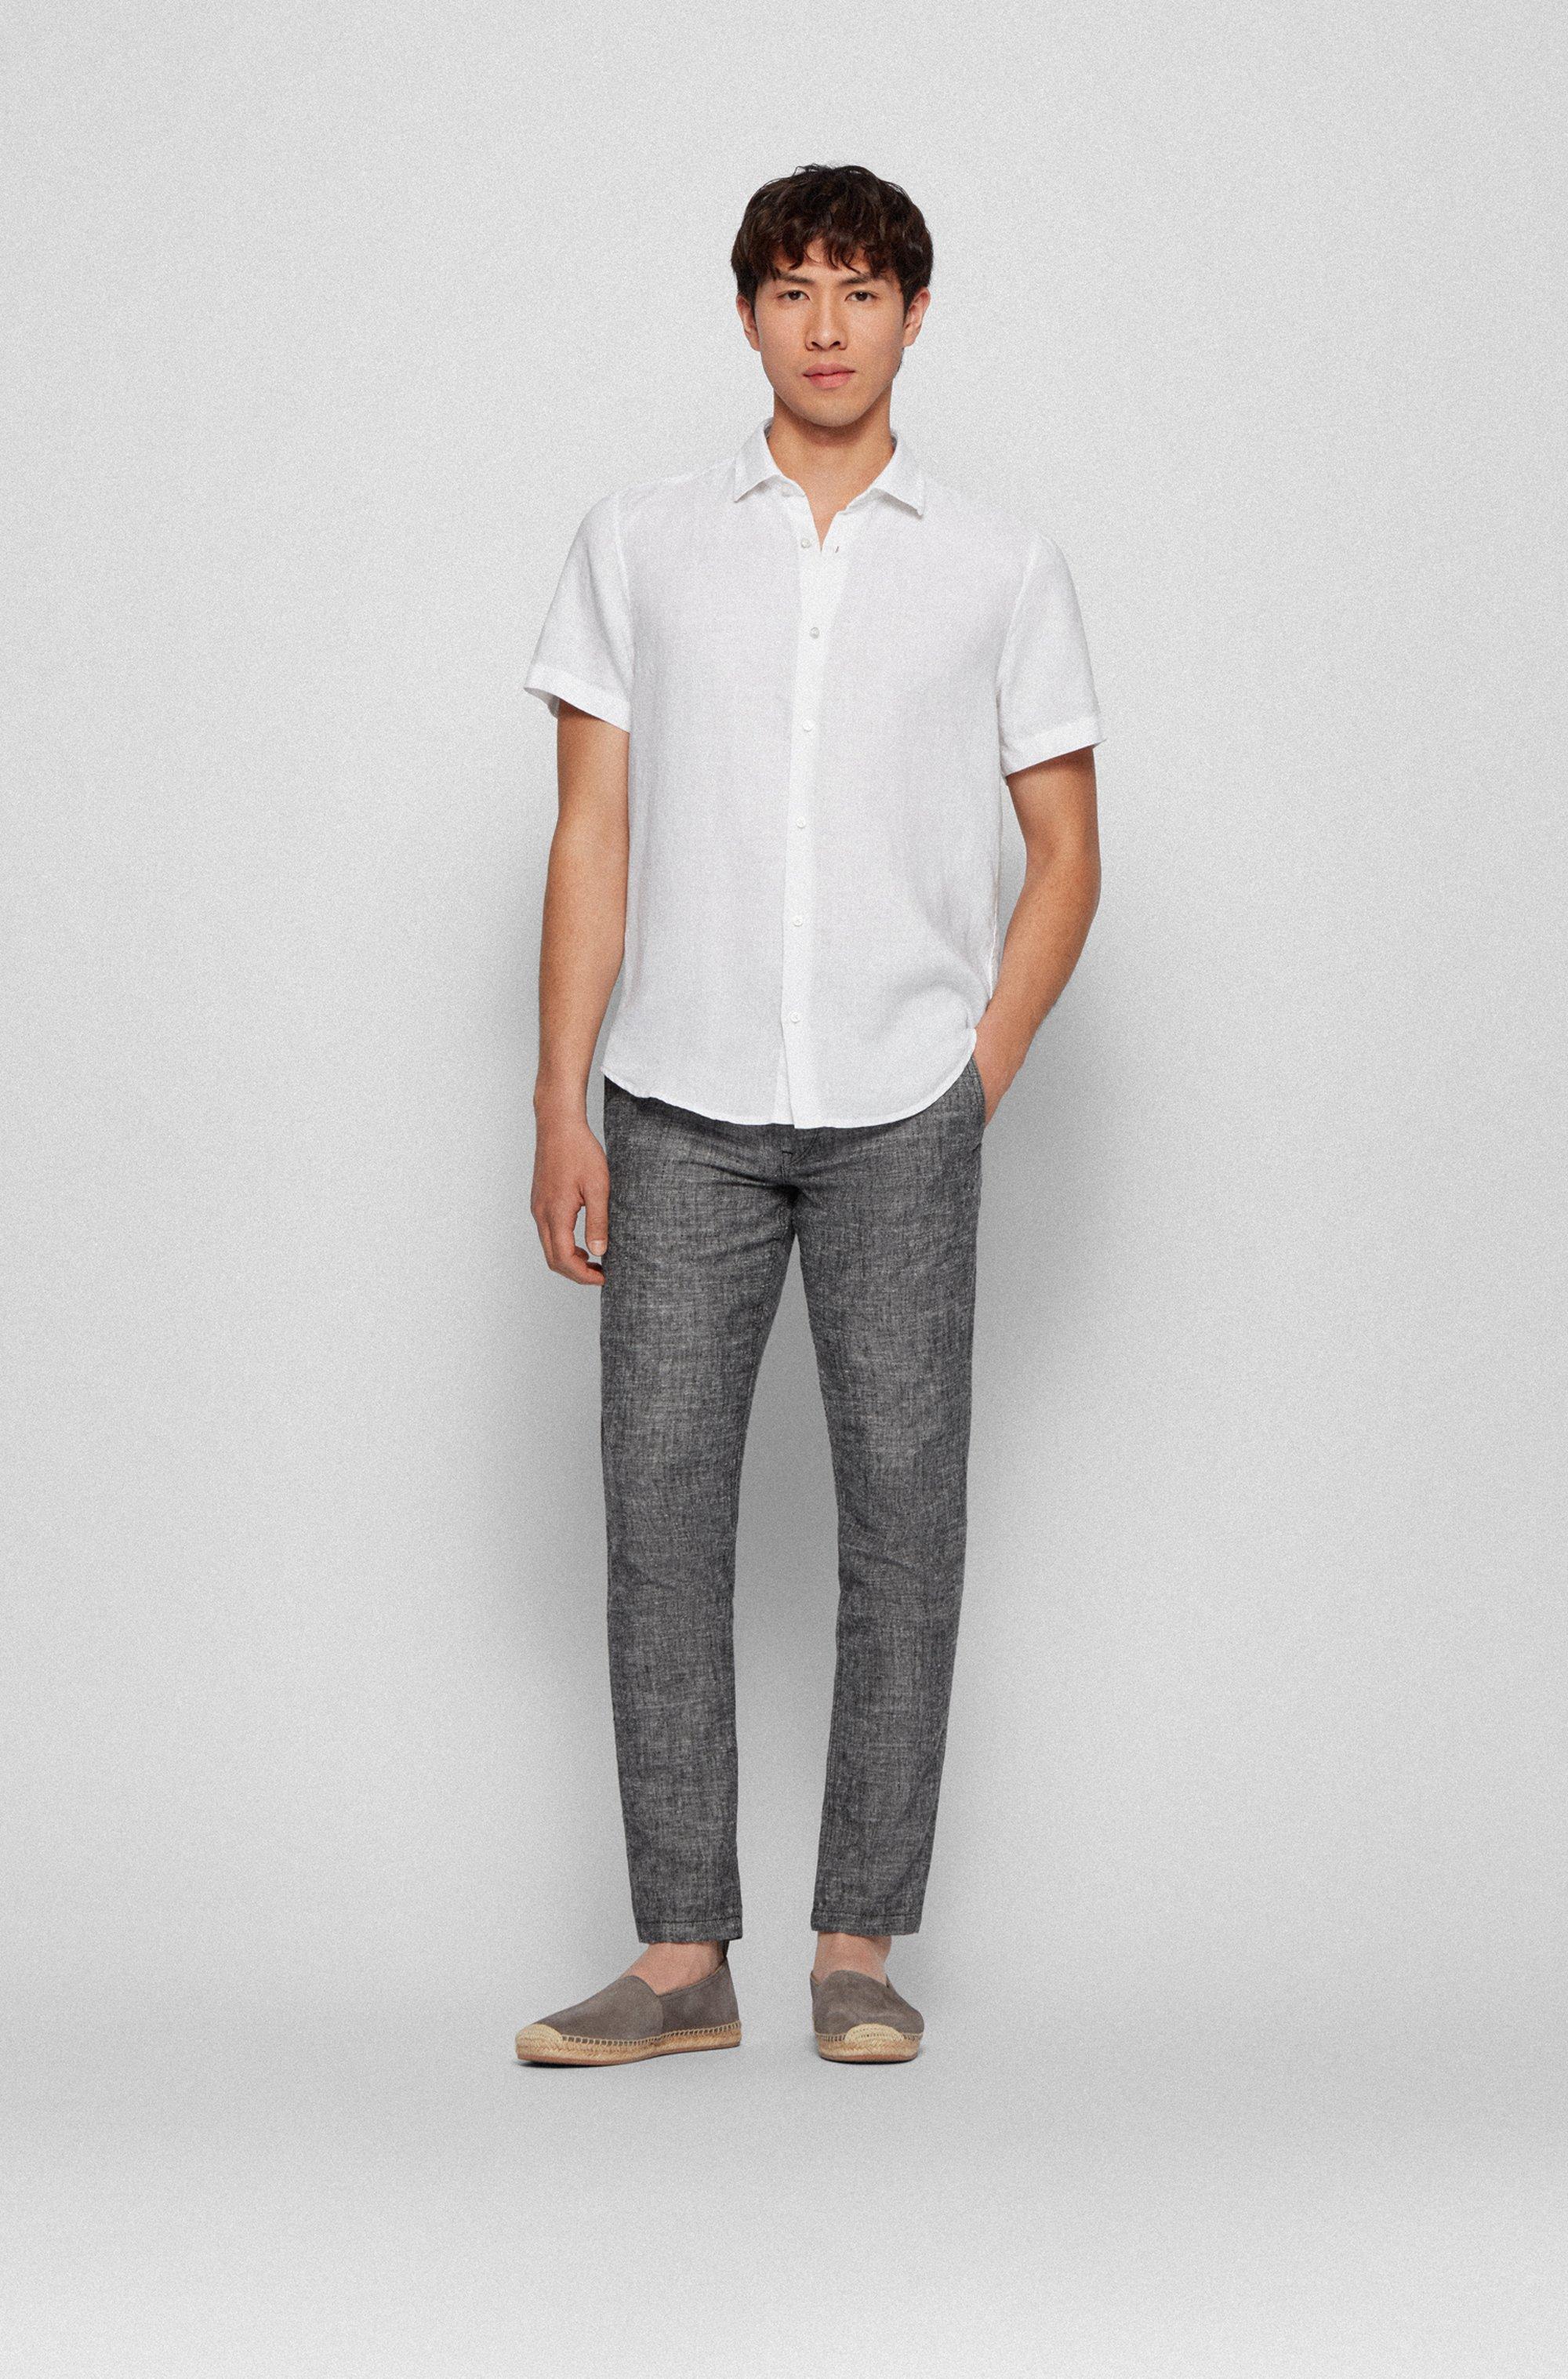 Regular-fit overhemd van linnen popeline met puntkraag